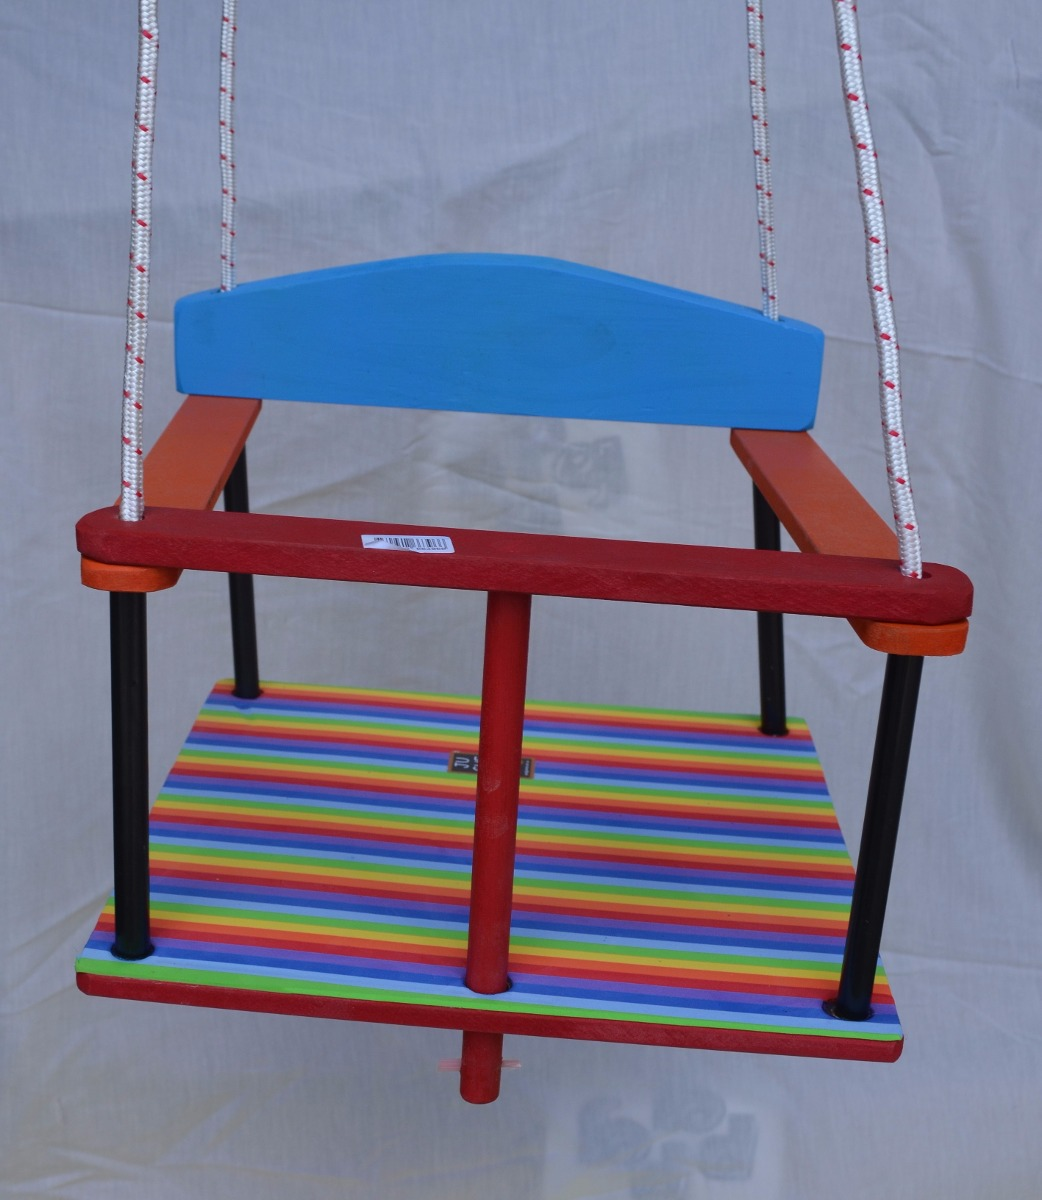 Hamaca para beb de madera recubierta con goma eva 539 00 en mercado libre - Precio de hamacas para bebes ...